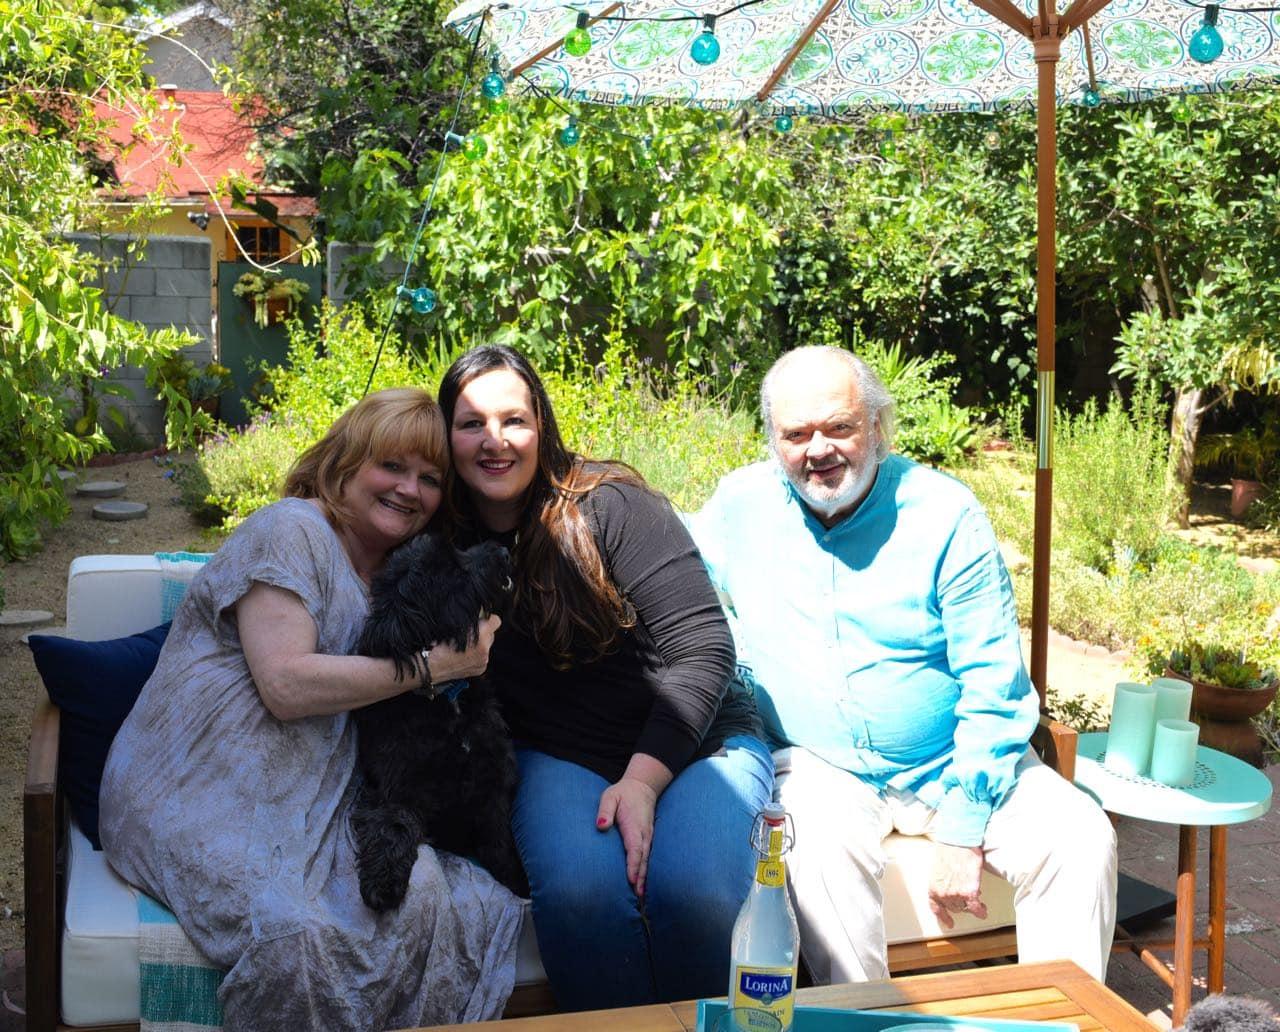 Backyard Makeover for Lesley Nicol